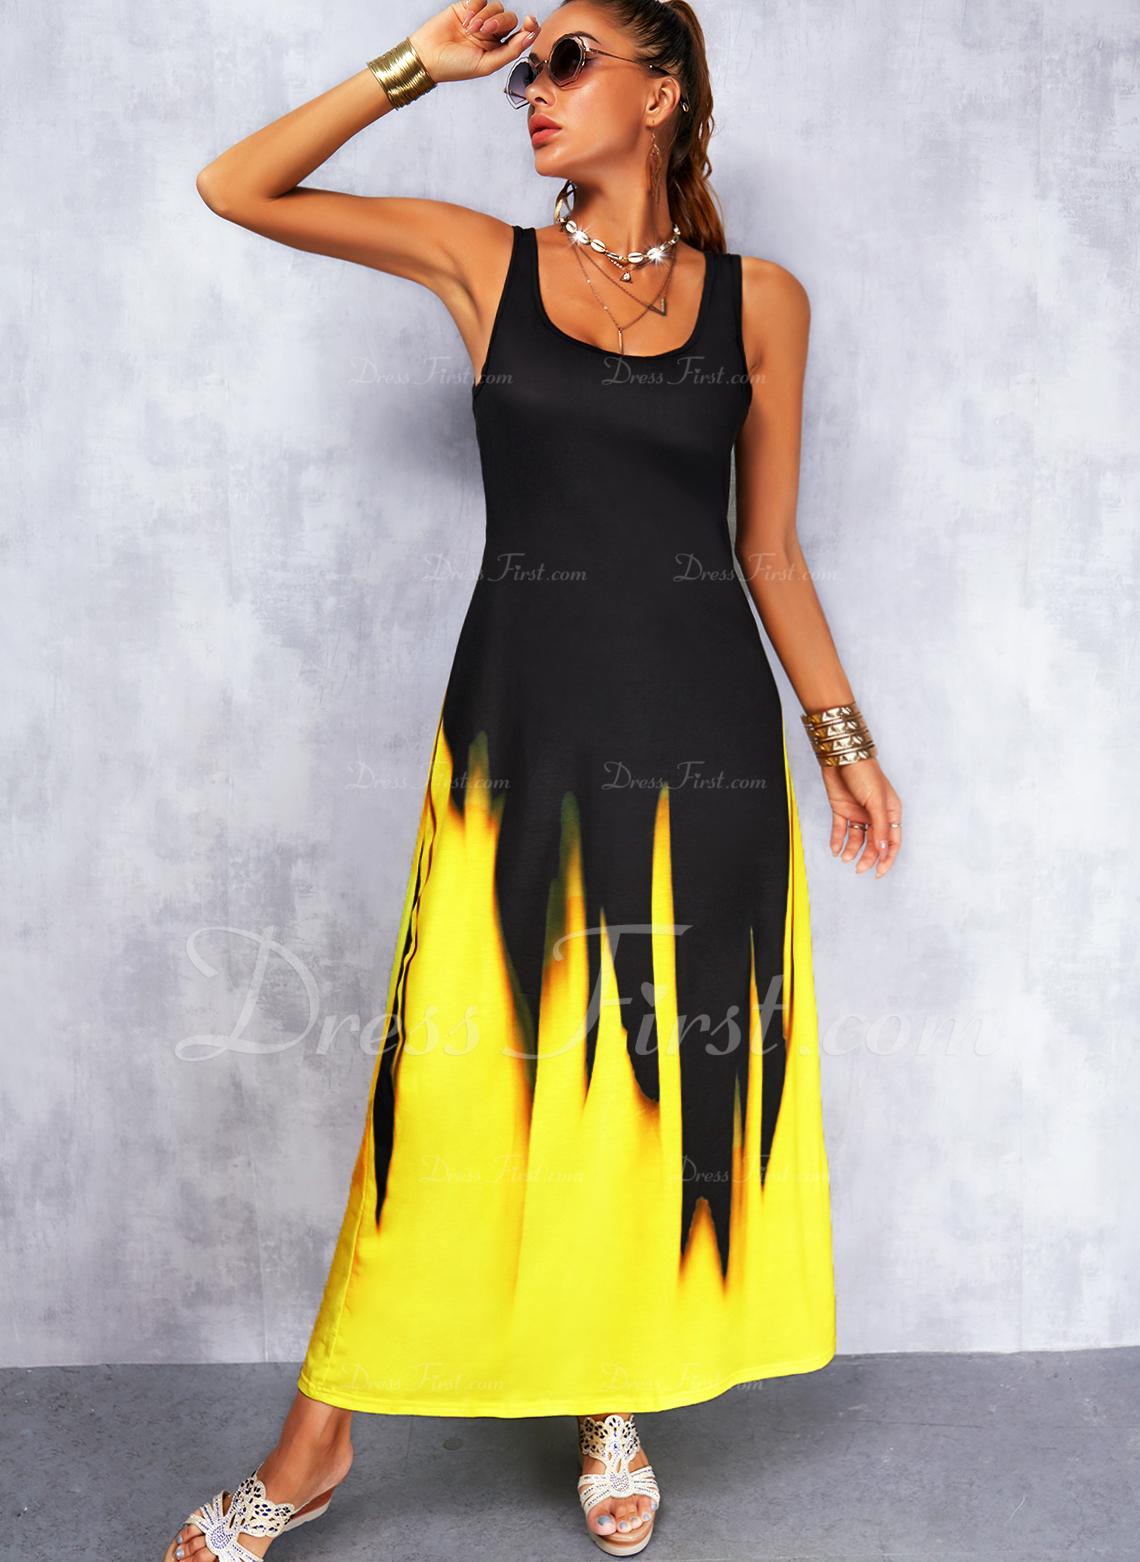 Impresión Degradada Vestidos sueltos Sin mangas Maxi Casual Franelilla Vestidos de moda